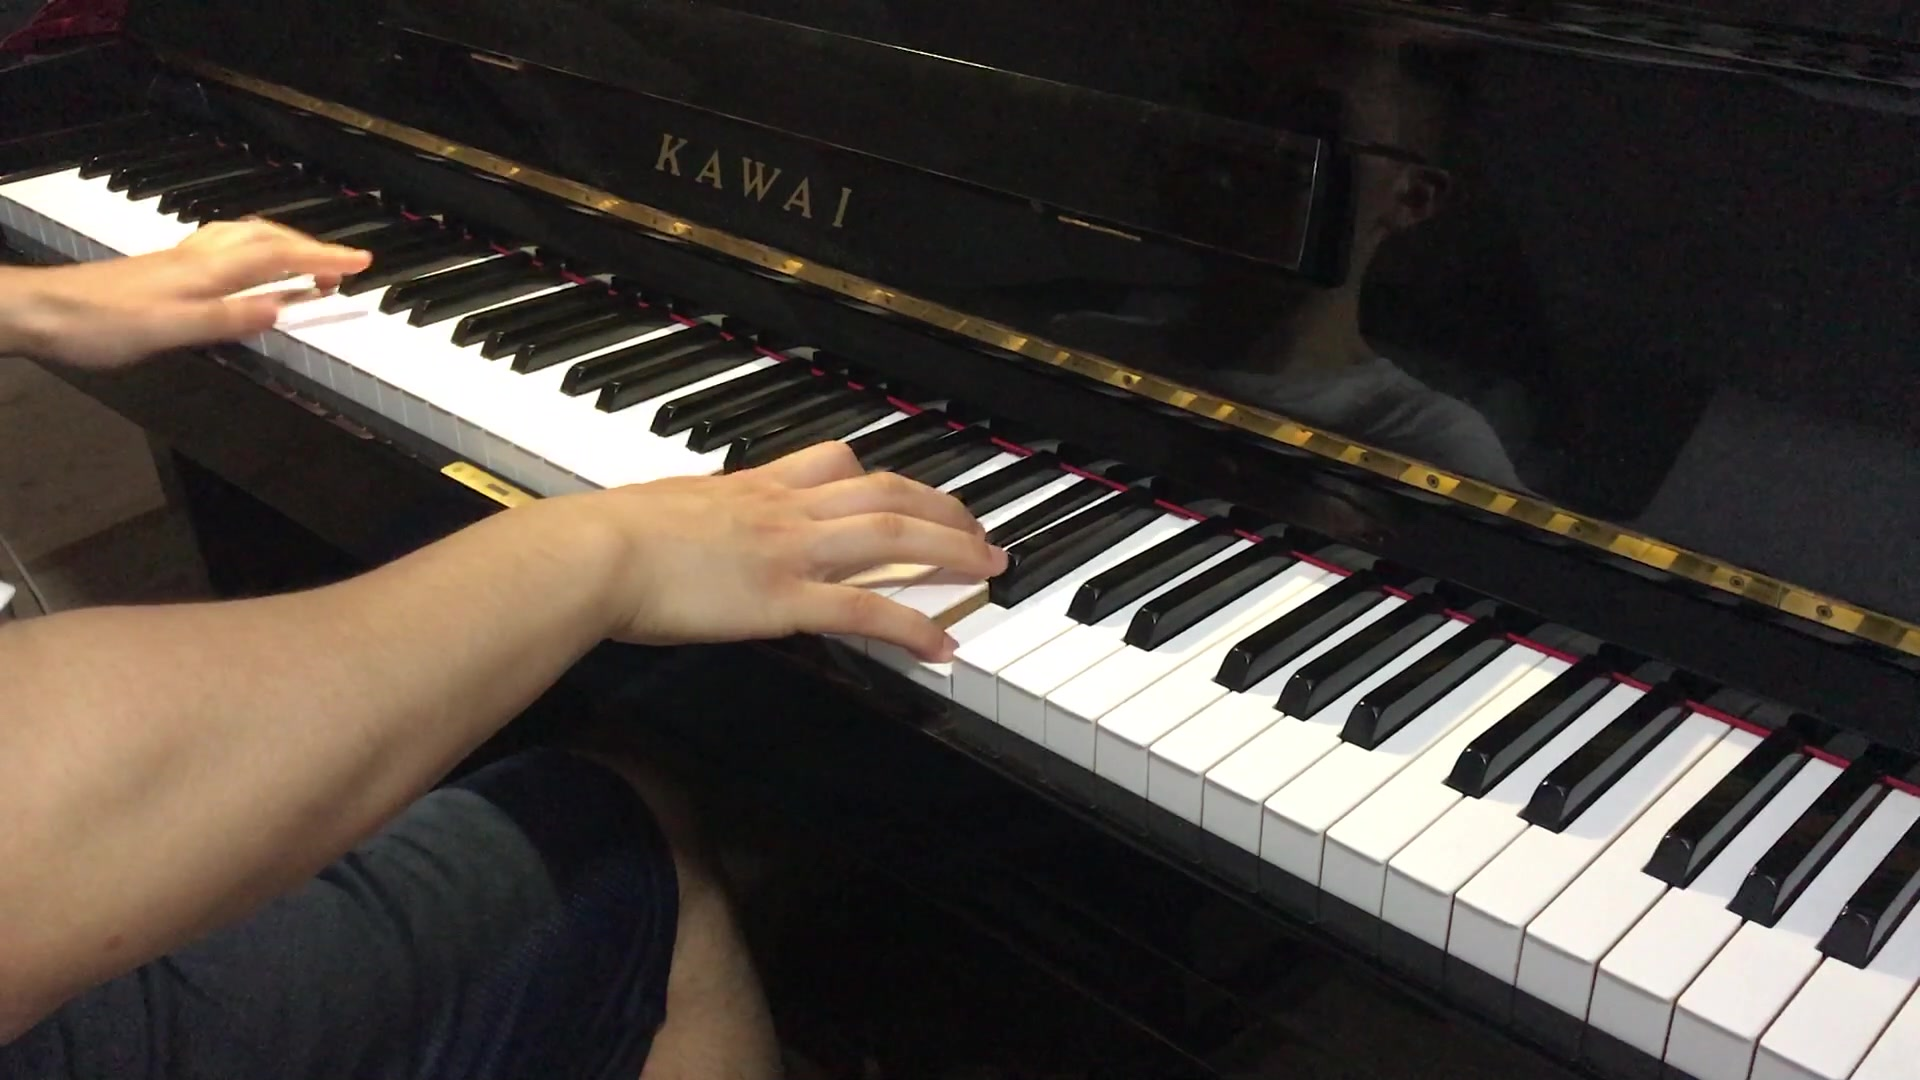 【钢琴】四月是你的谎言op 若能绽放光芒 (练习阶段)图片